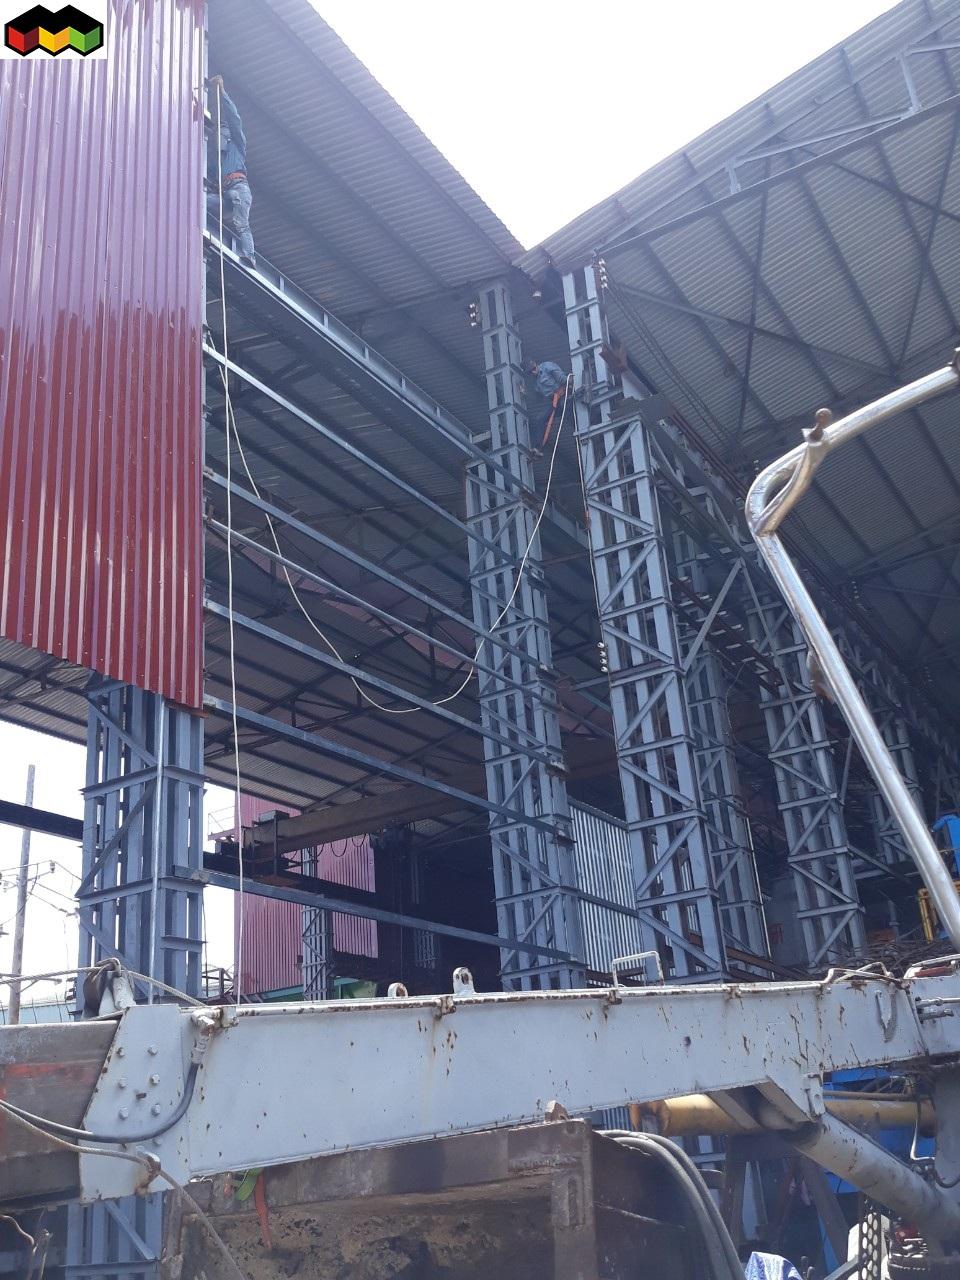 làm mái tôn nhà xưởng nhà kho nhà tiền chế 0368115251